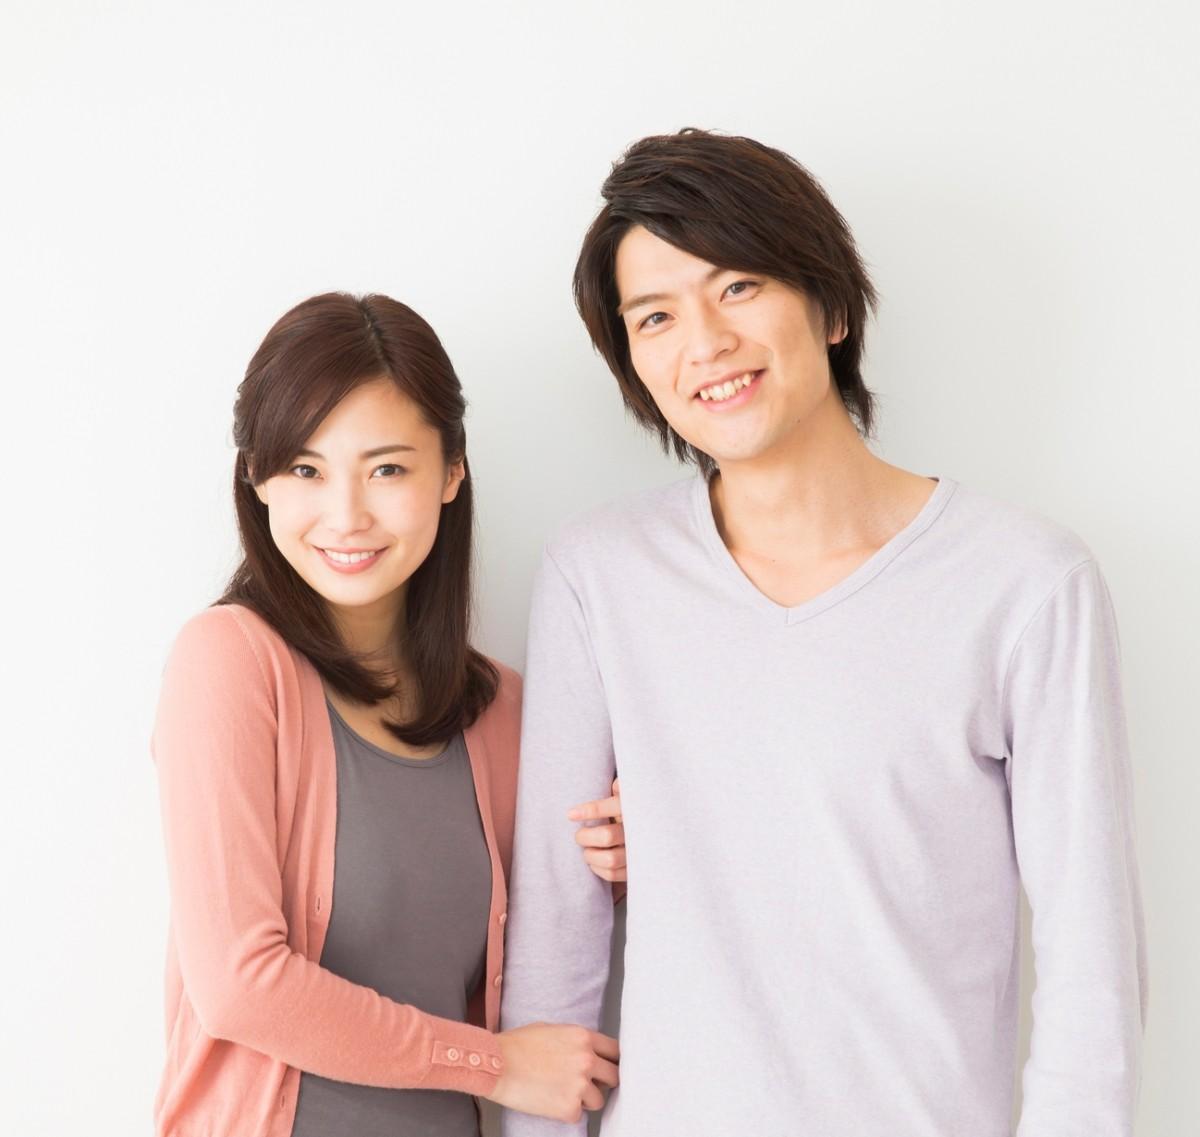 浜松磐田婚活サロン縁婚活HP写真 カップル修正